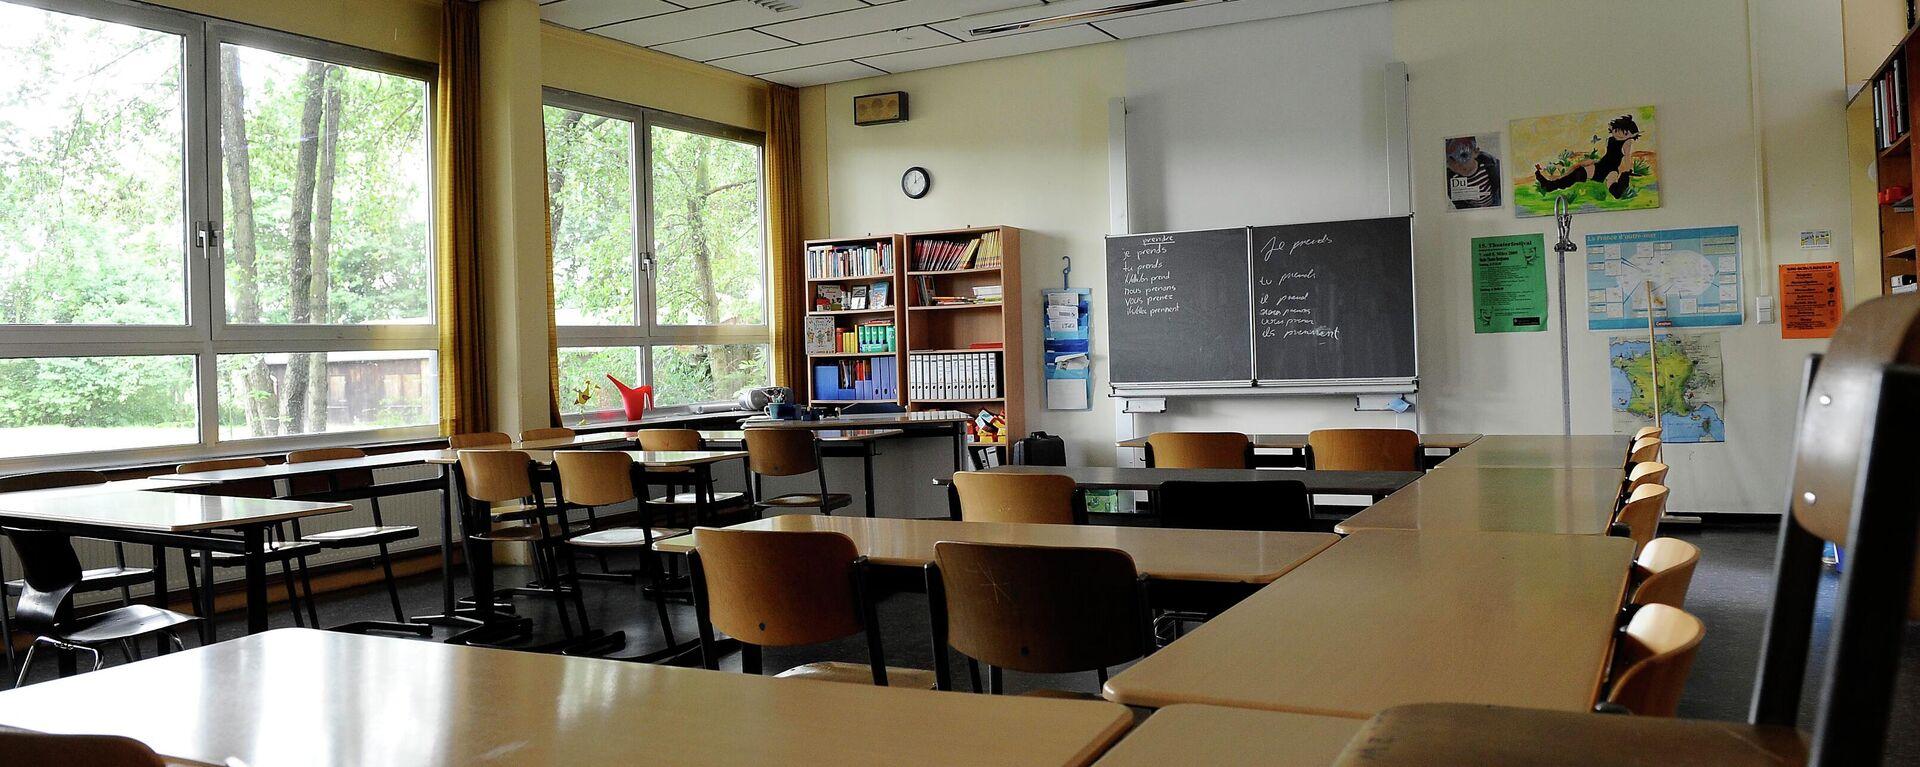 Ein leerer Klassenraum der Realschule Oberaden in Bergkamen, Nordrhein-Westfalen (Archiv)  - SNA, 1920, 04.02.2021